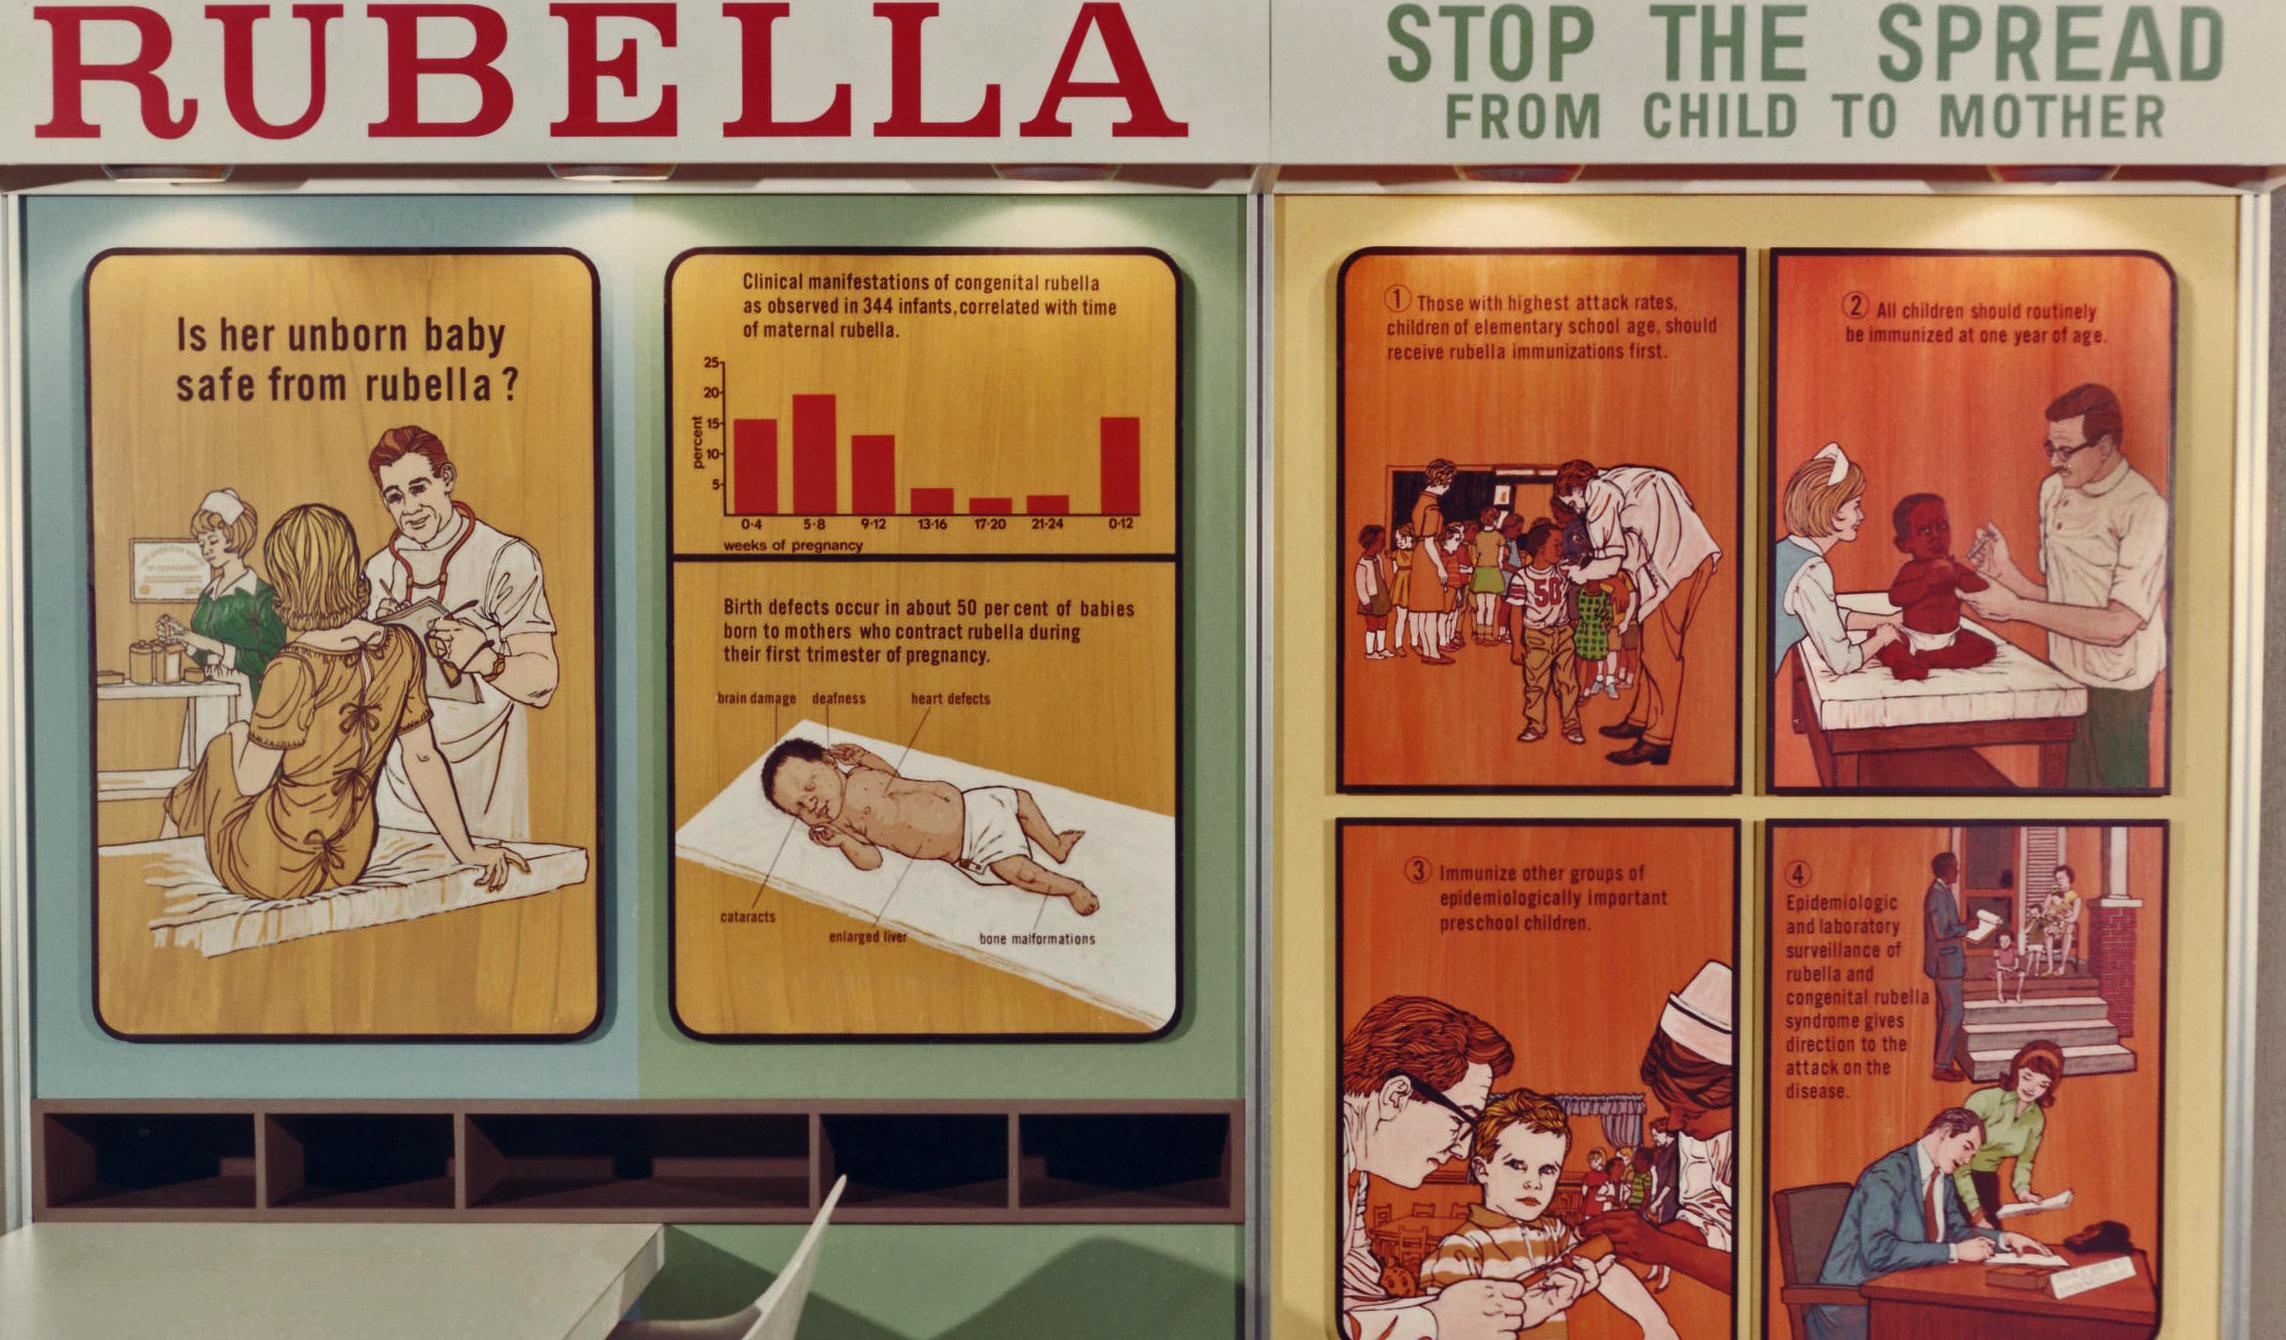 Unduh 99 Gambar Poster Virus Rubella Paling Baru Gratis